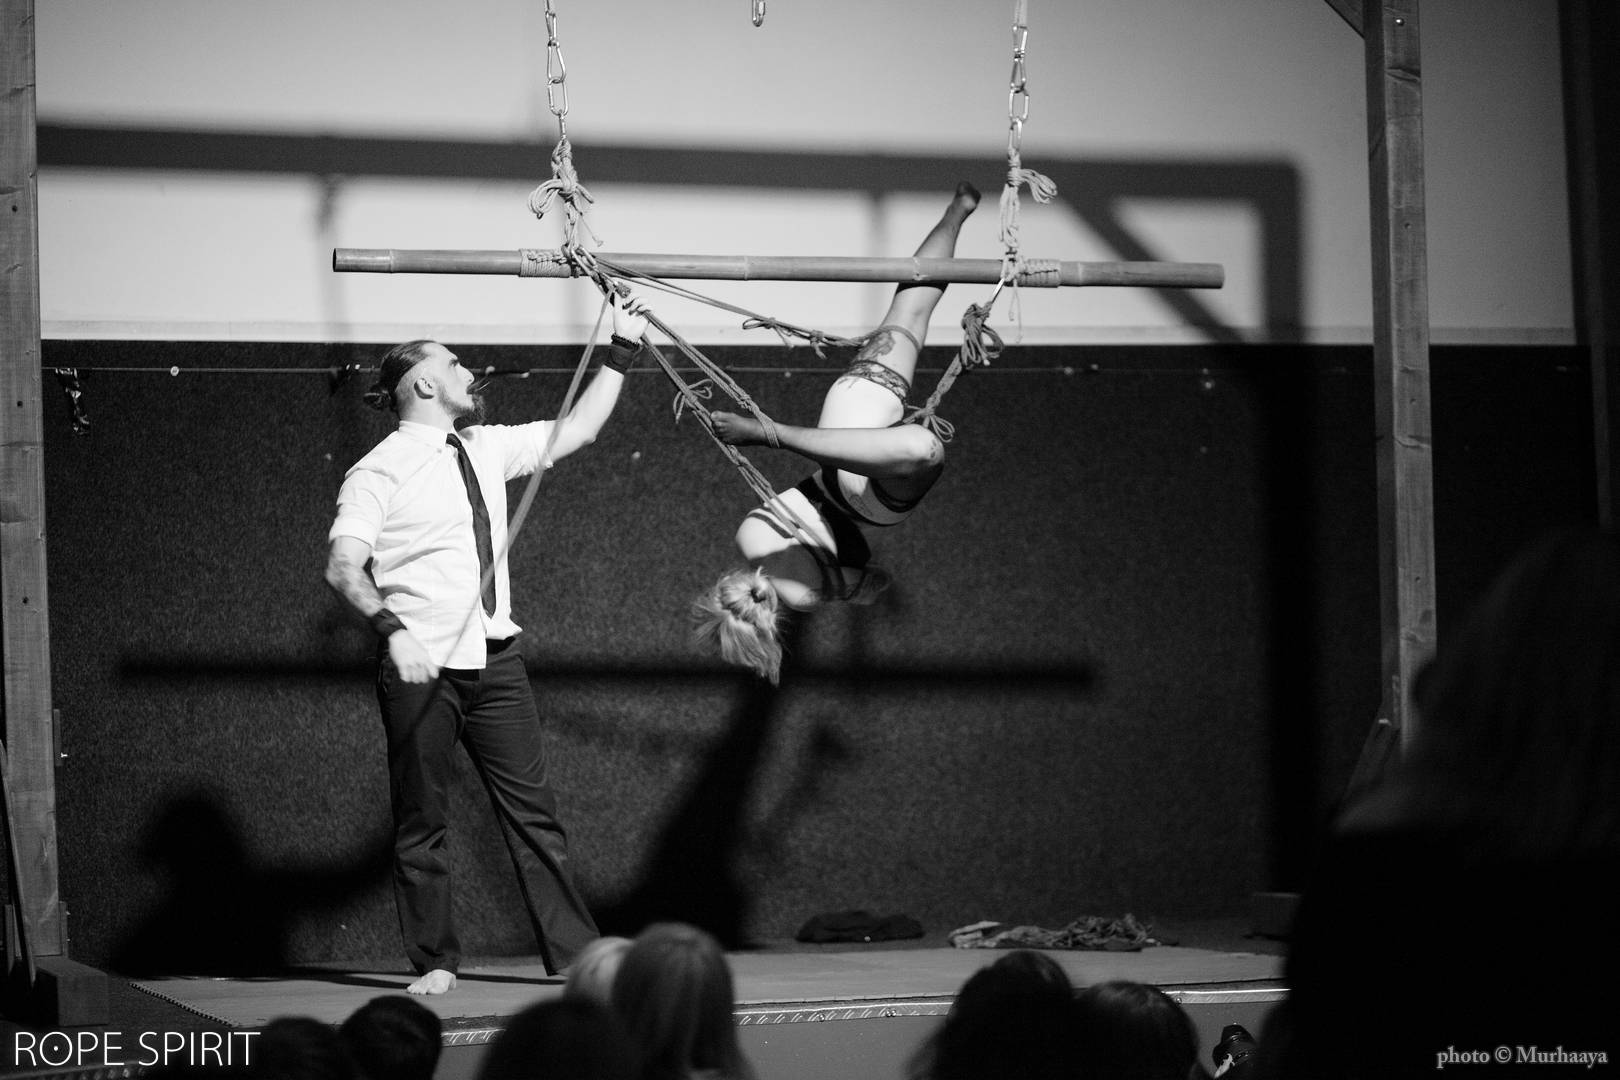 Intimita, důvěra i vášeň – jaký byl letošní Rope spirit?